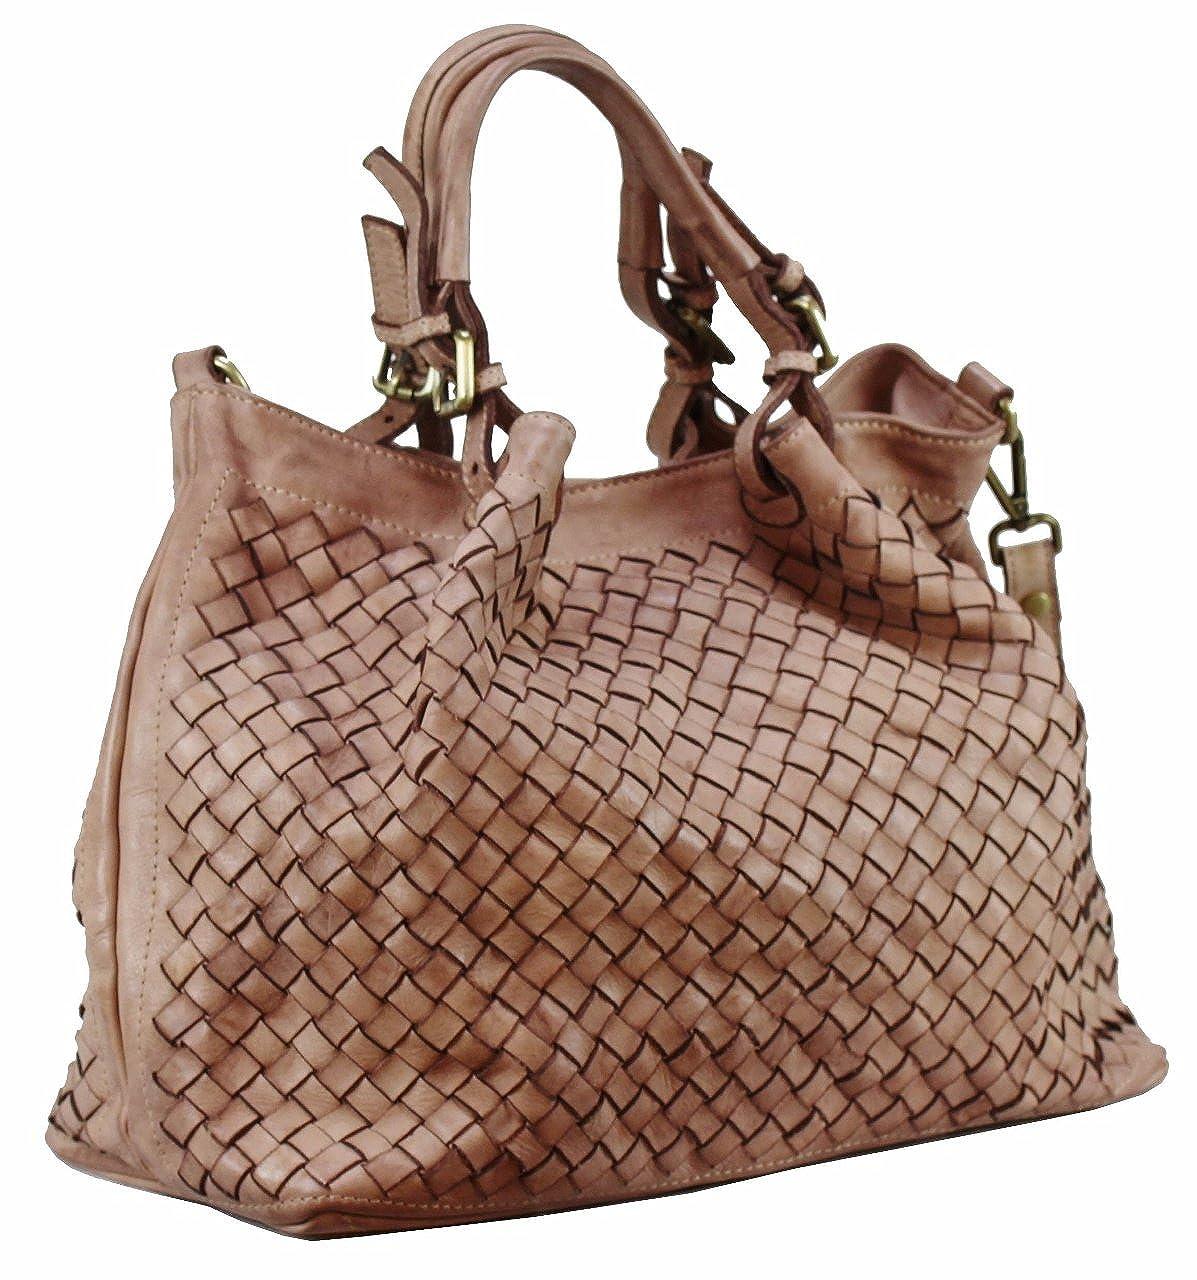 379f8642c736c B Z N A Bag Rene rose alt rosa Italy Designer Damen Handtasche  Schultertasche Tasche Schafsleder Shopper Neu  Amazon.de  Schuhe    Handtaschen